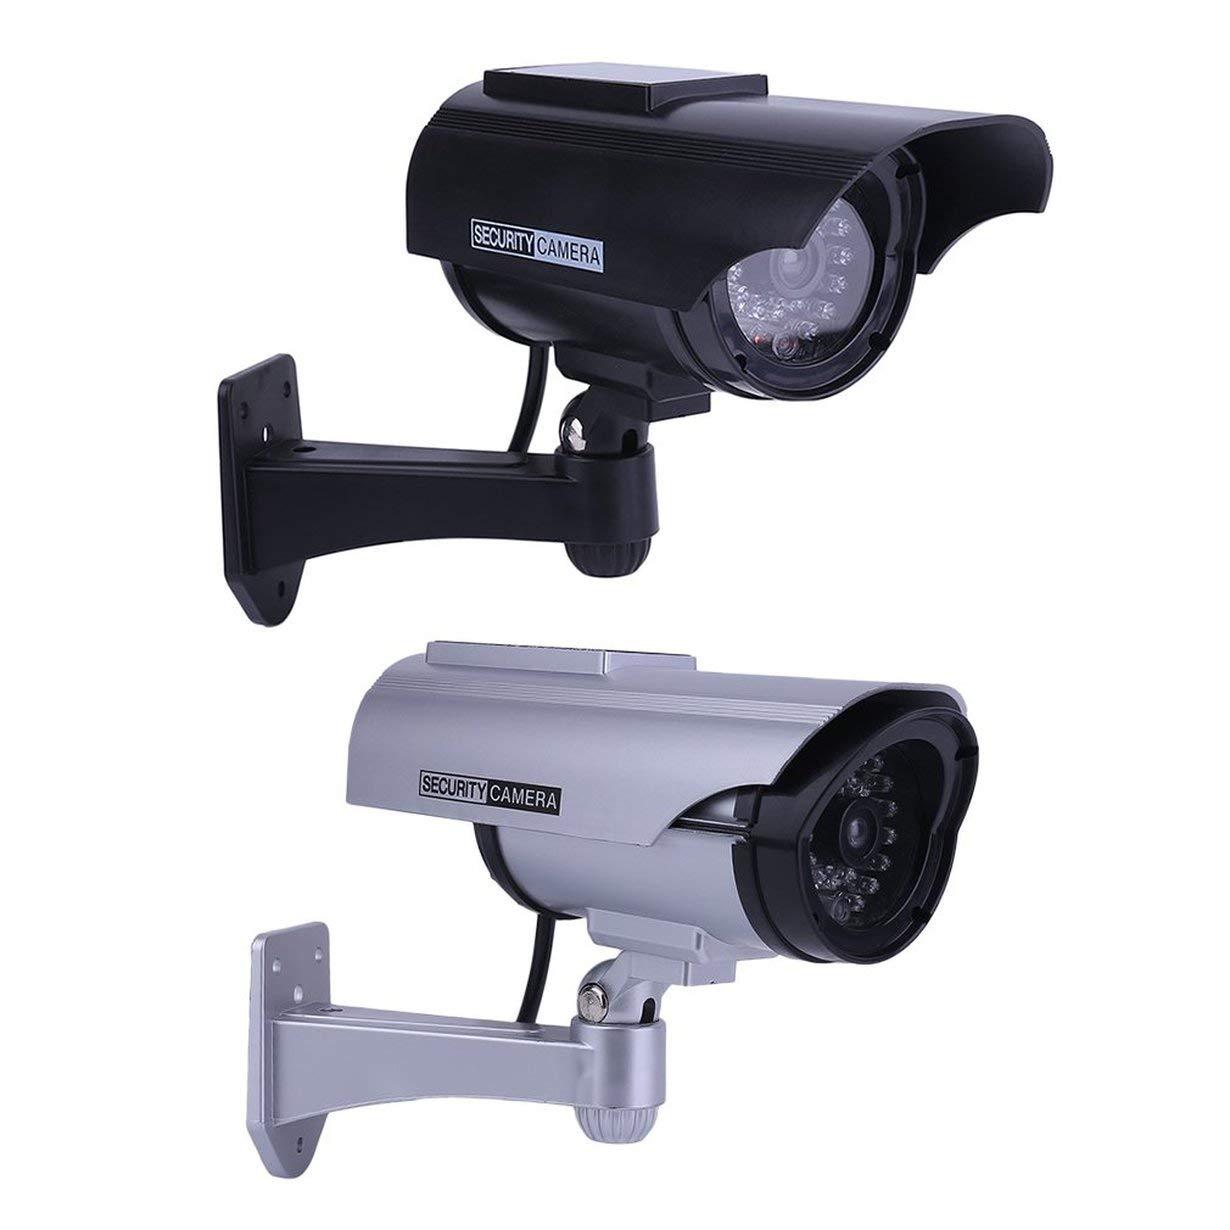 C/ámara de seguridad CCTV falsa c/ámara de vigilancia CCTV de casa con luz solar LED de pr/áctica de simulaci/ón de imitaci/ón falsa de simulaci/ón de energ/ía solar para uso en interiores al aire libre